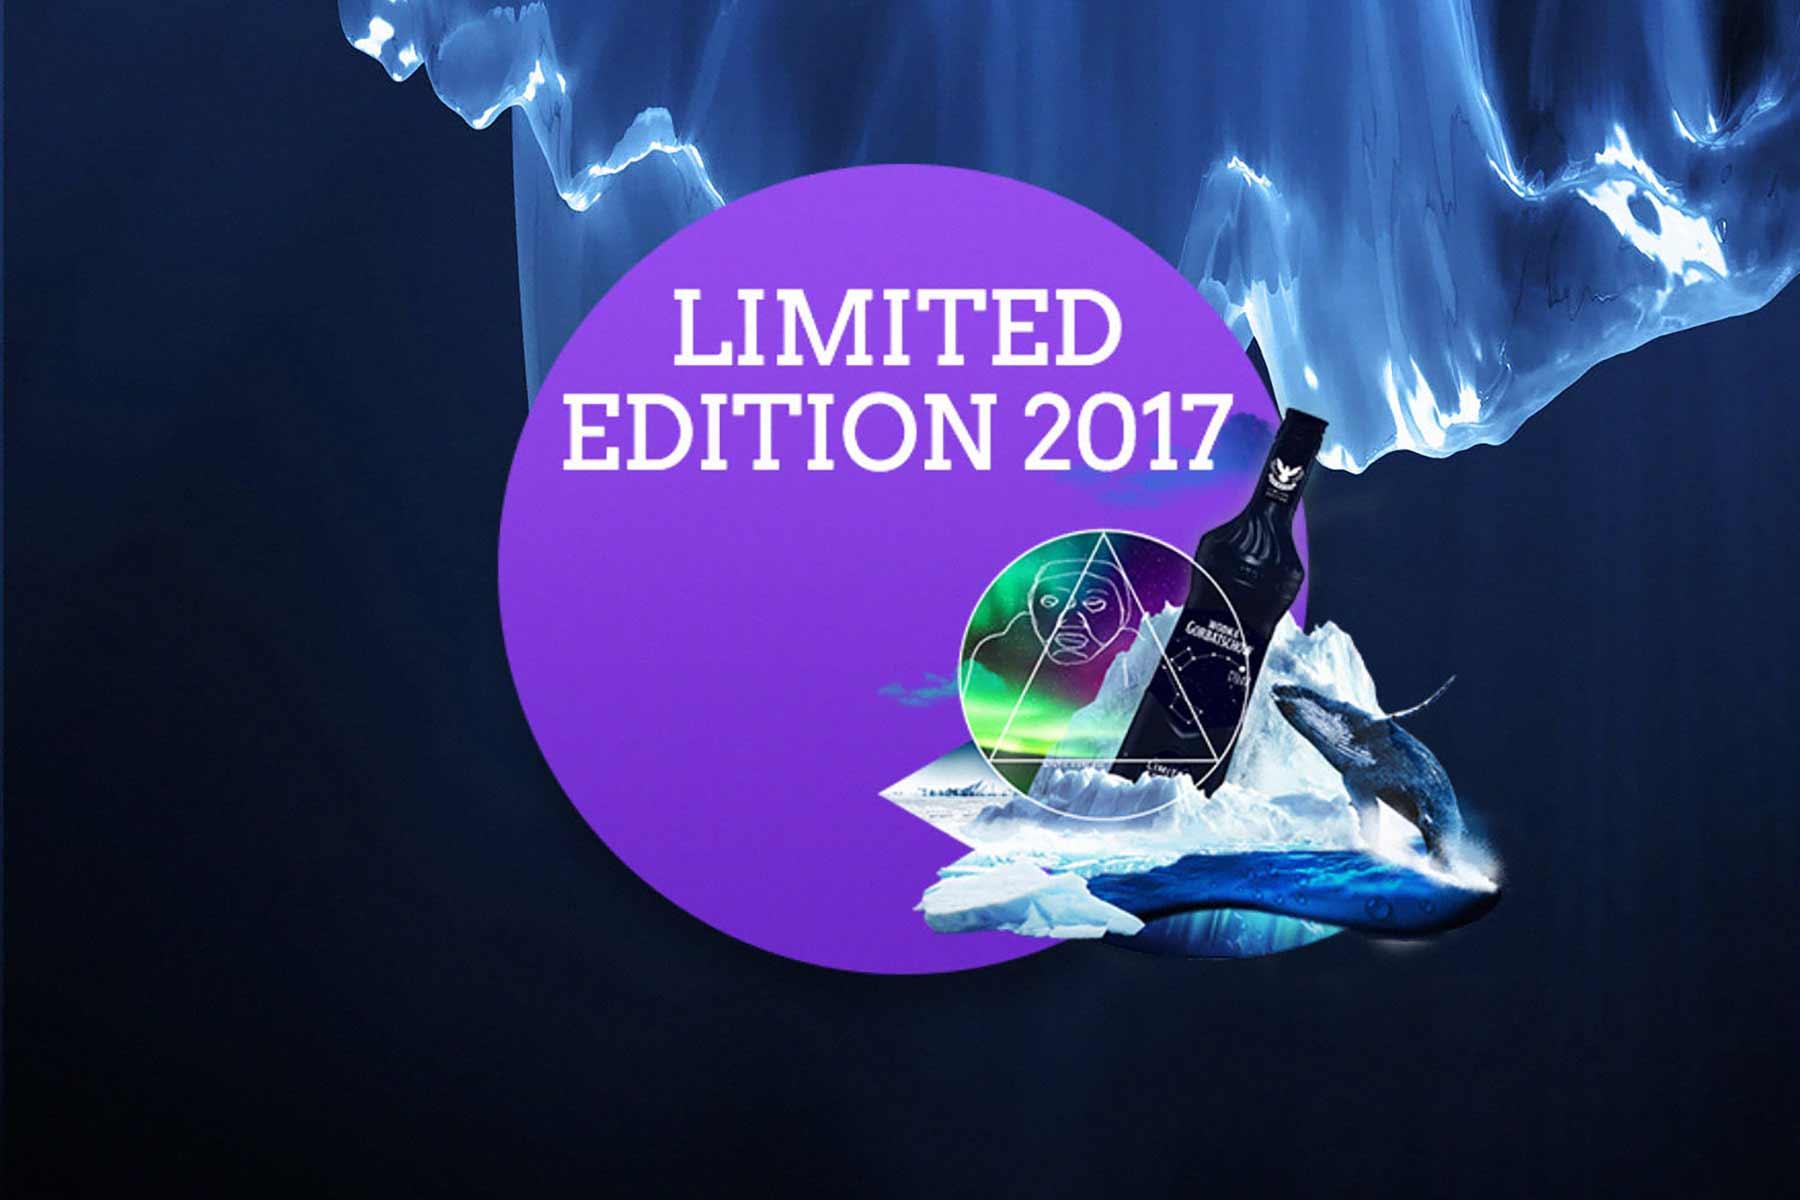 Gewinnt die Wodka Gorbatschow Limited Edition 2017 wodka-gorbatschow_polarstern-limitierte-flasche_02